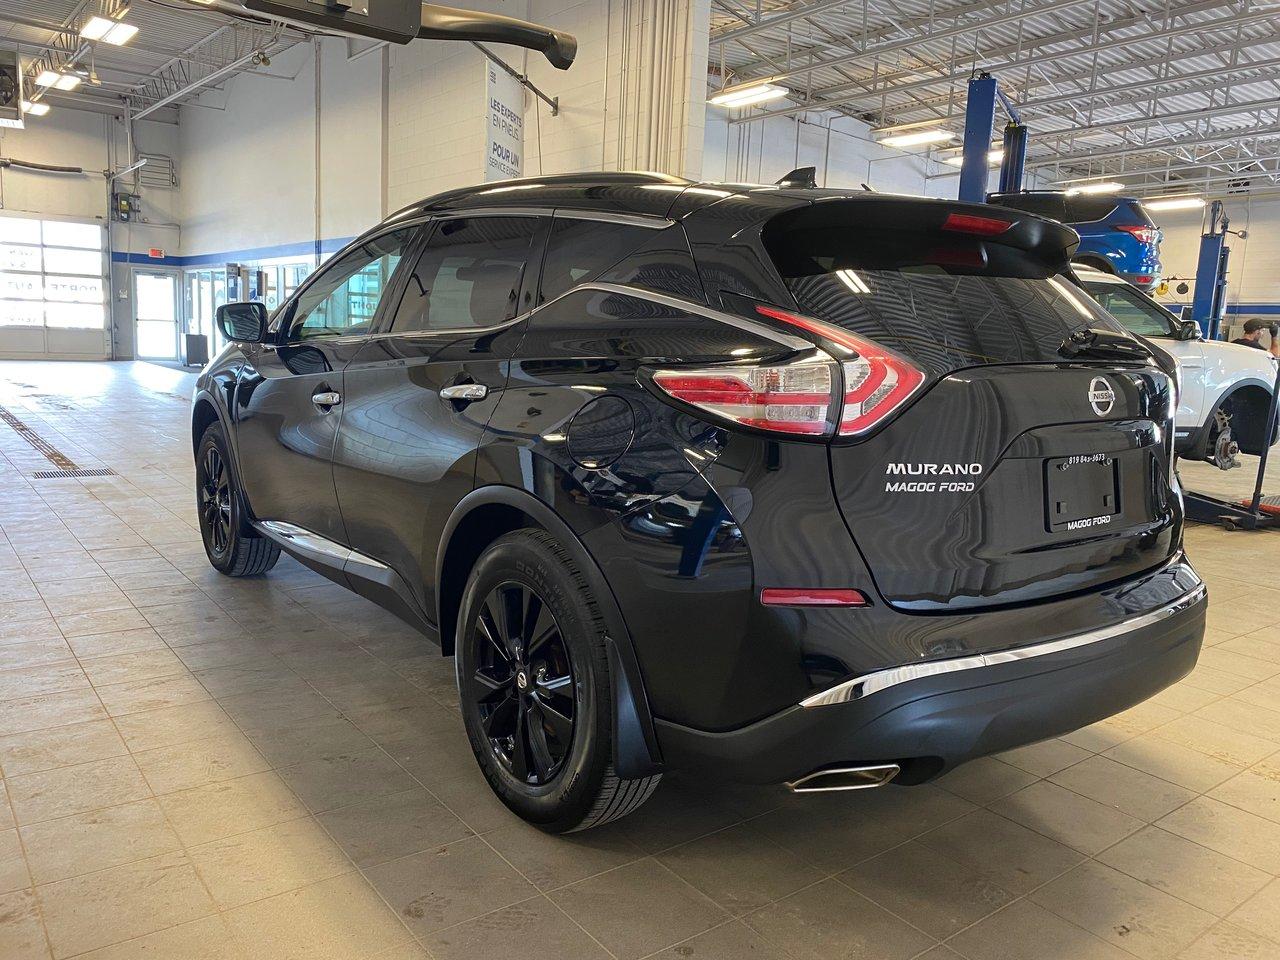 2017 Nissan Murano S / SIÈGES CHAUFFANTS + AIR CLIMATISÉ